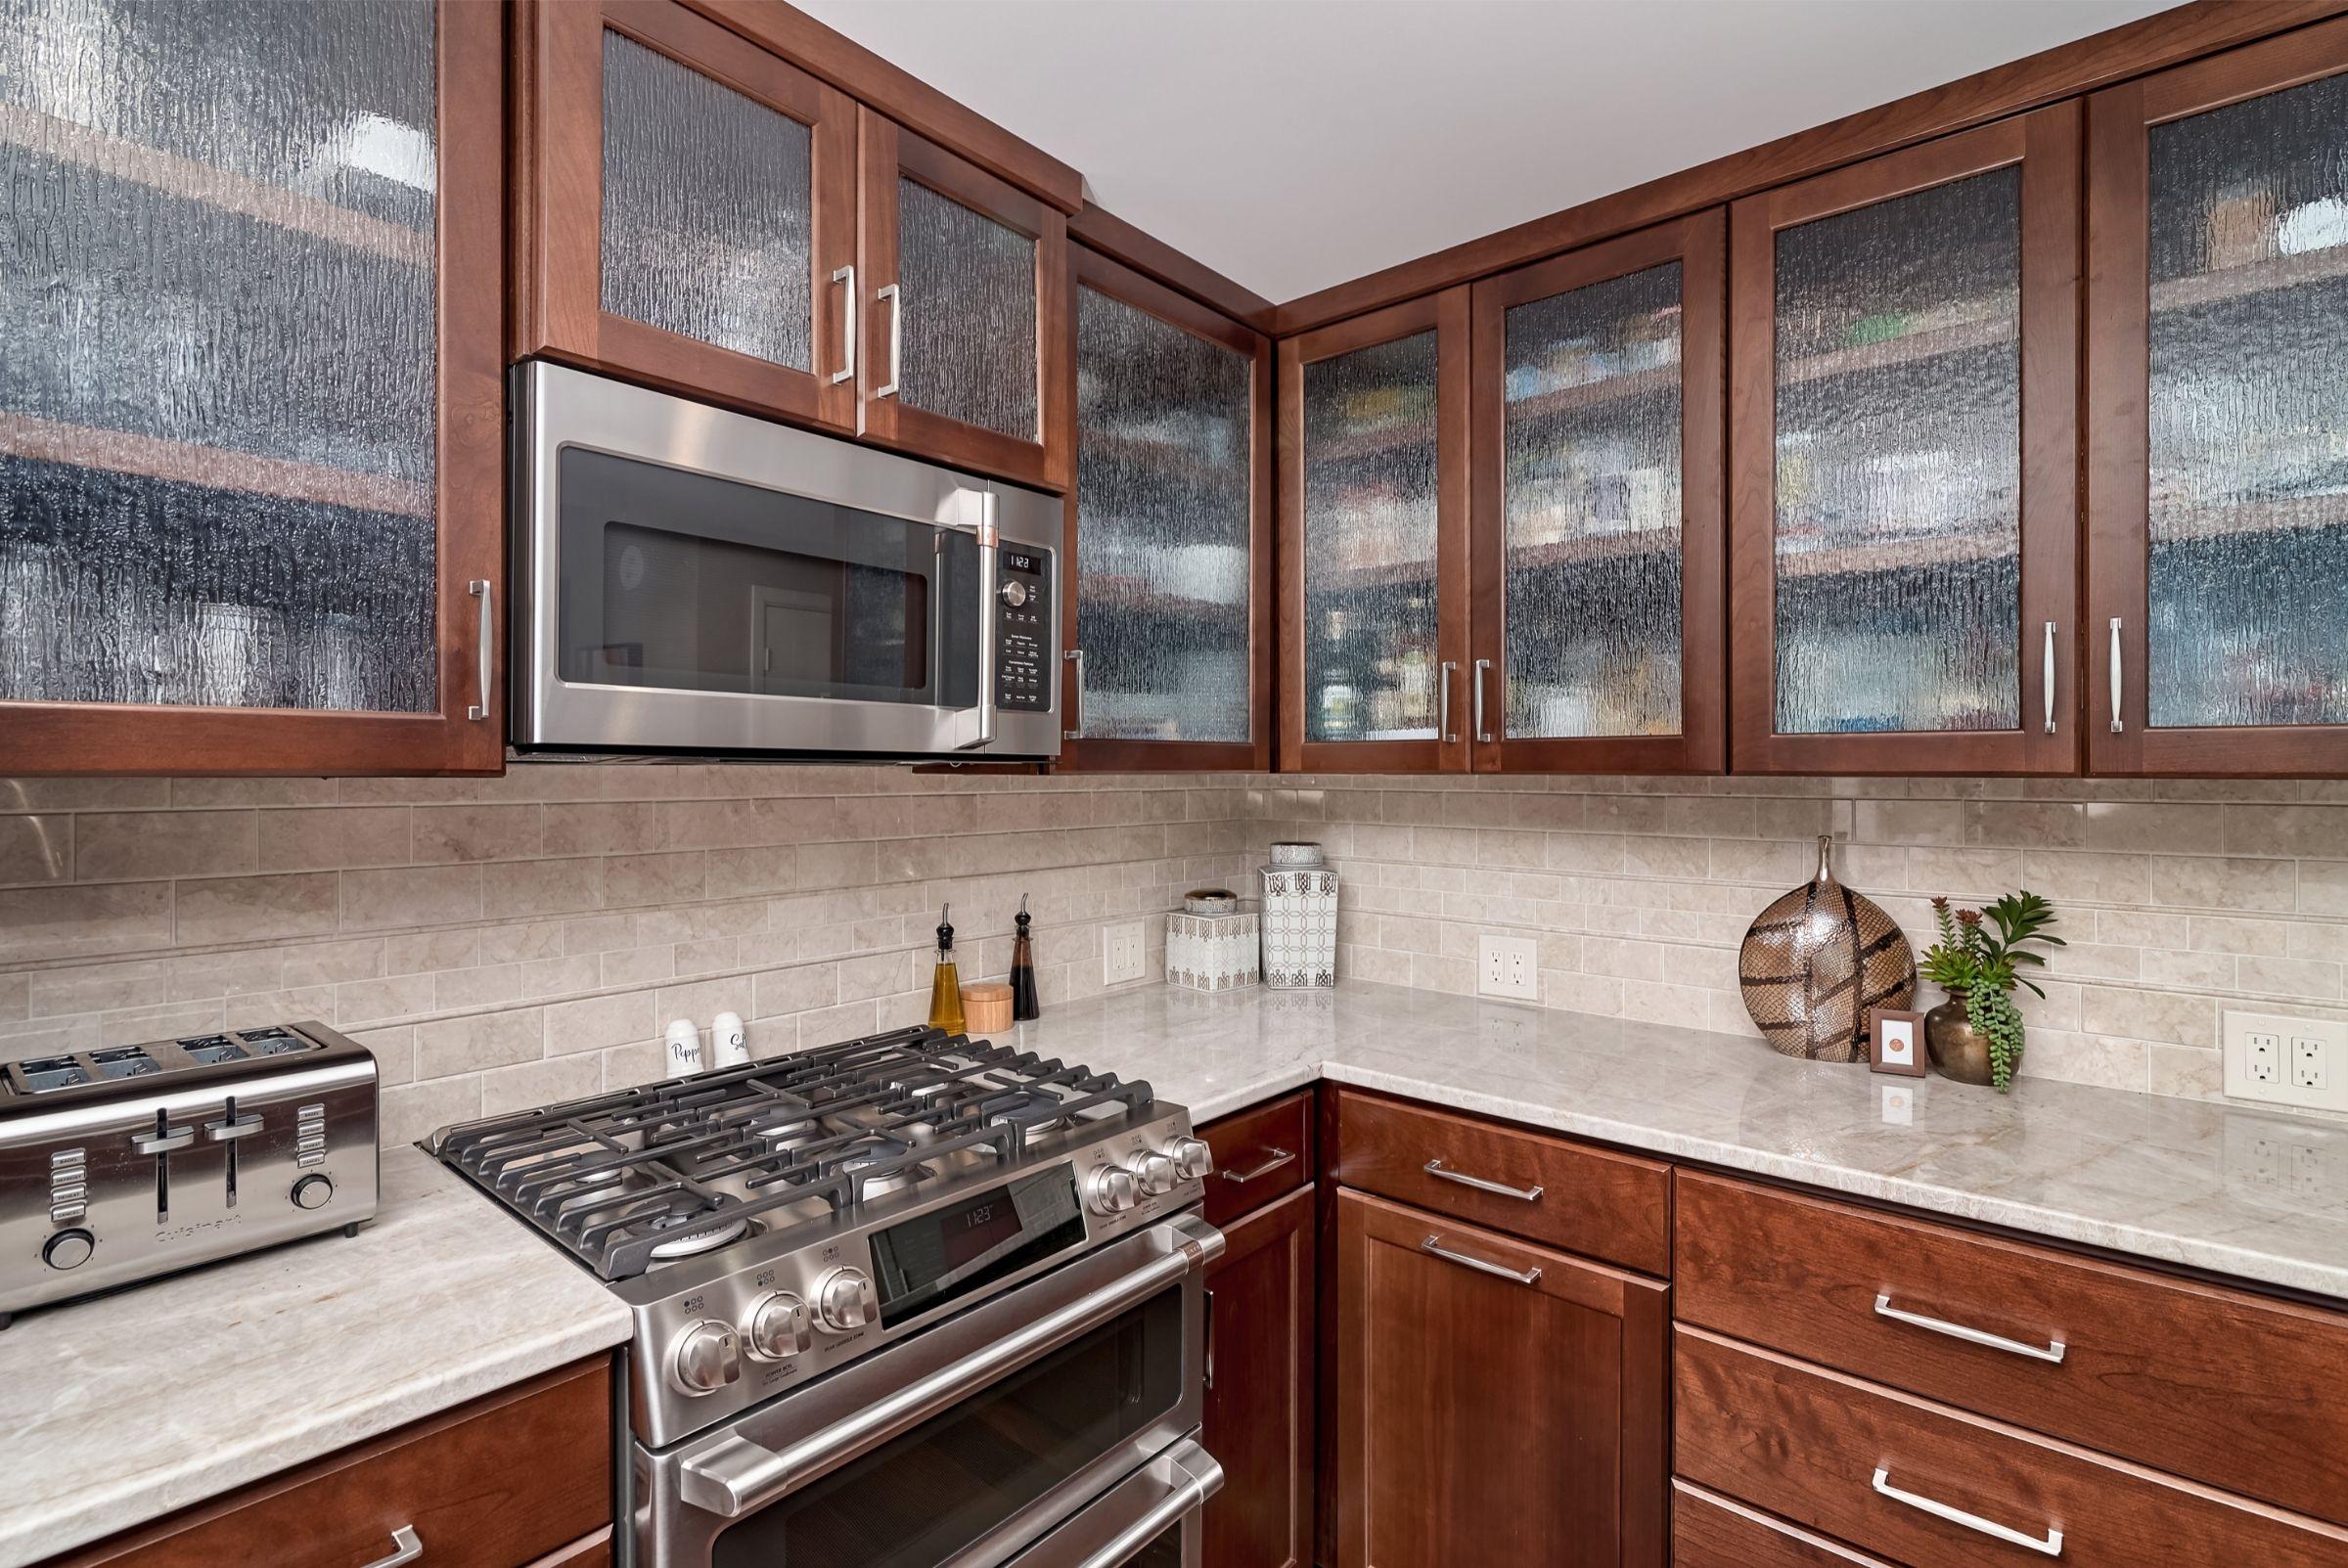 Town Lake Craftsman Kitchen Remodel